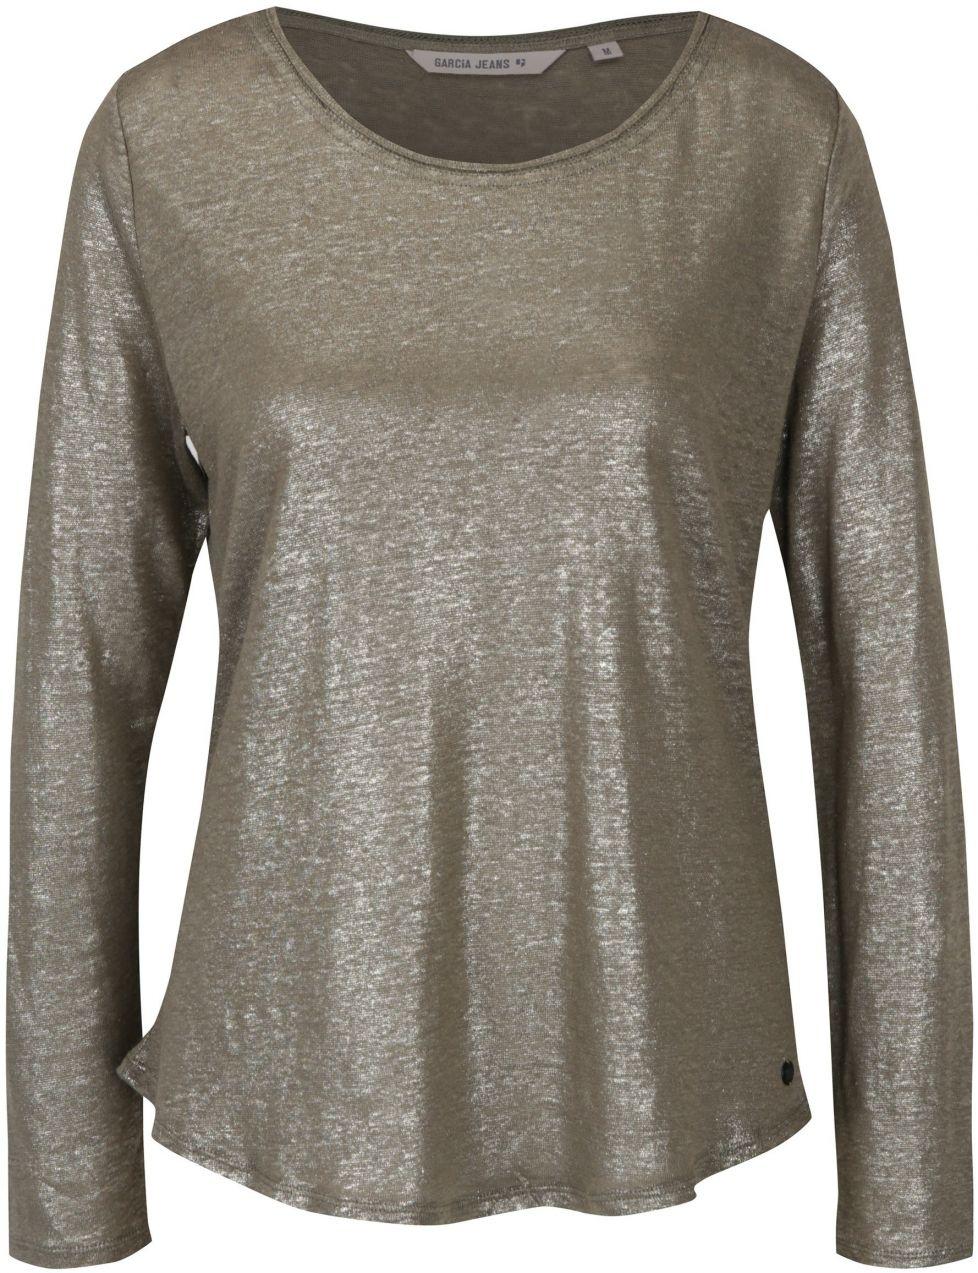 b7eace881 Kaki dámske ľanové tričko s metalickými odleskami Garcia Jeans značky Garcia  Jeans - Lovely.sk